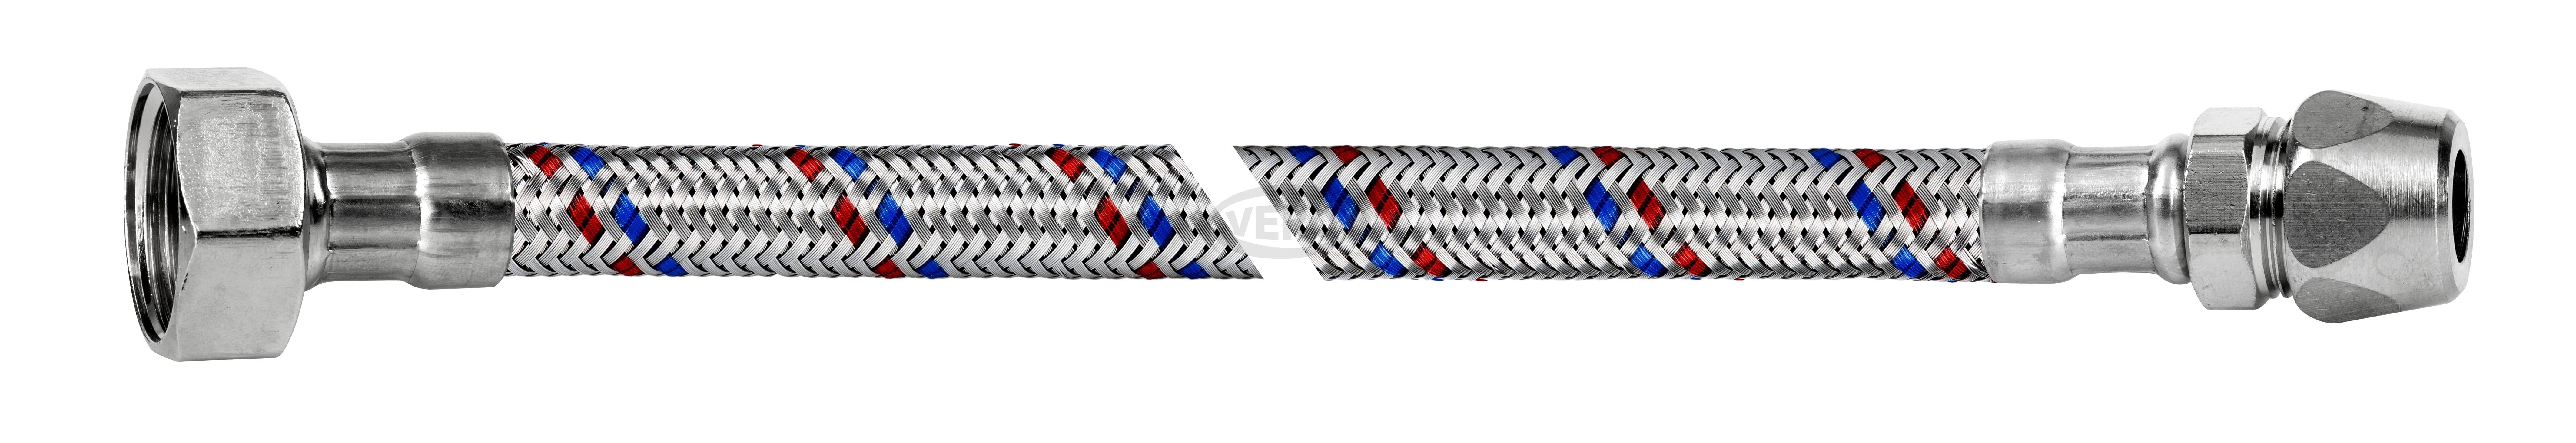 """Przyłącze elastyczne w oplocie stalowym INOX 1/2"""" GW - ZACISK"""